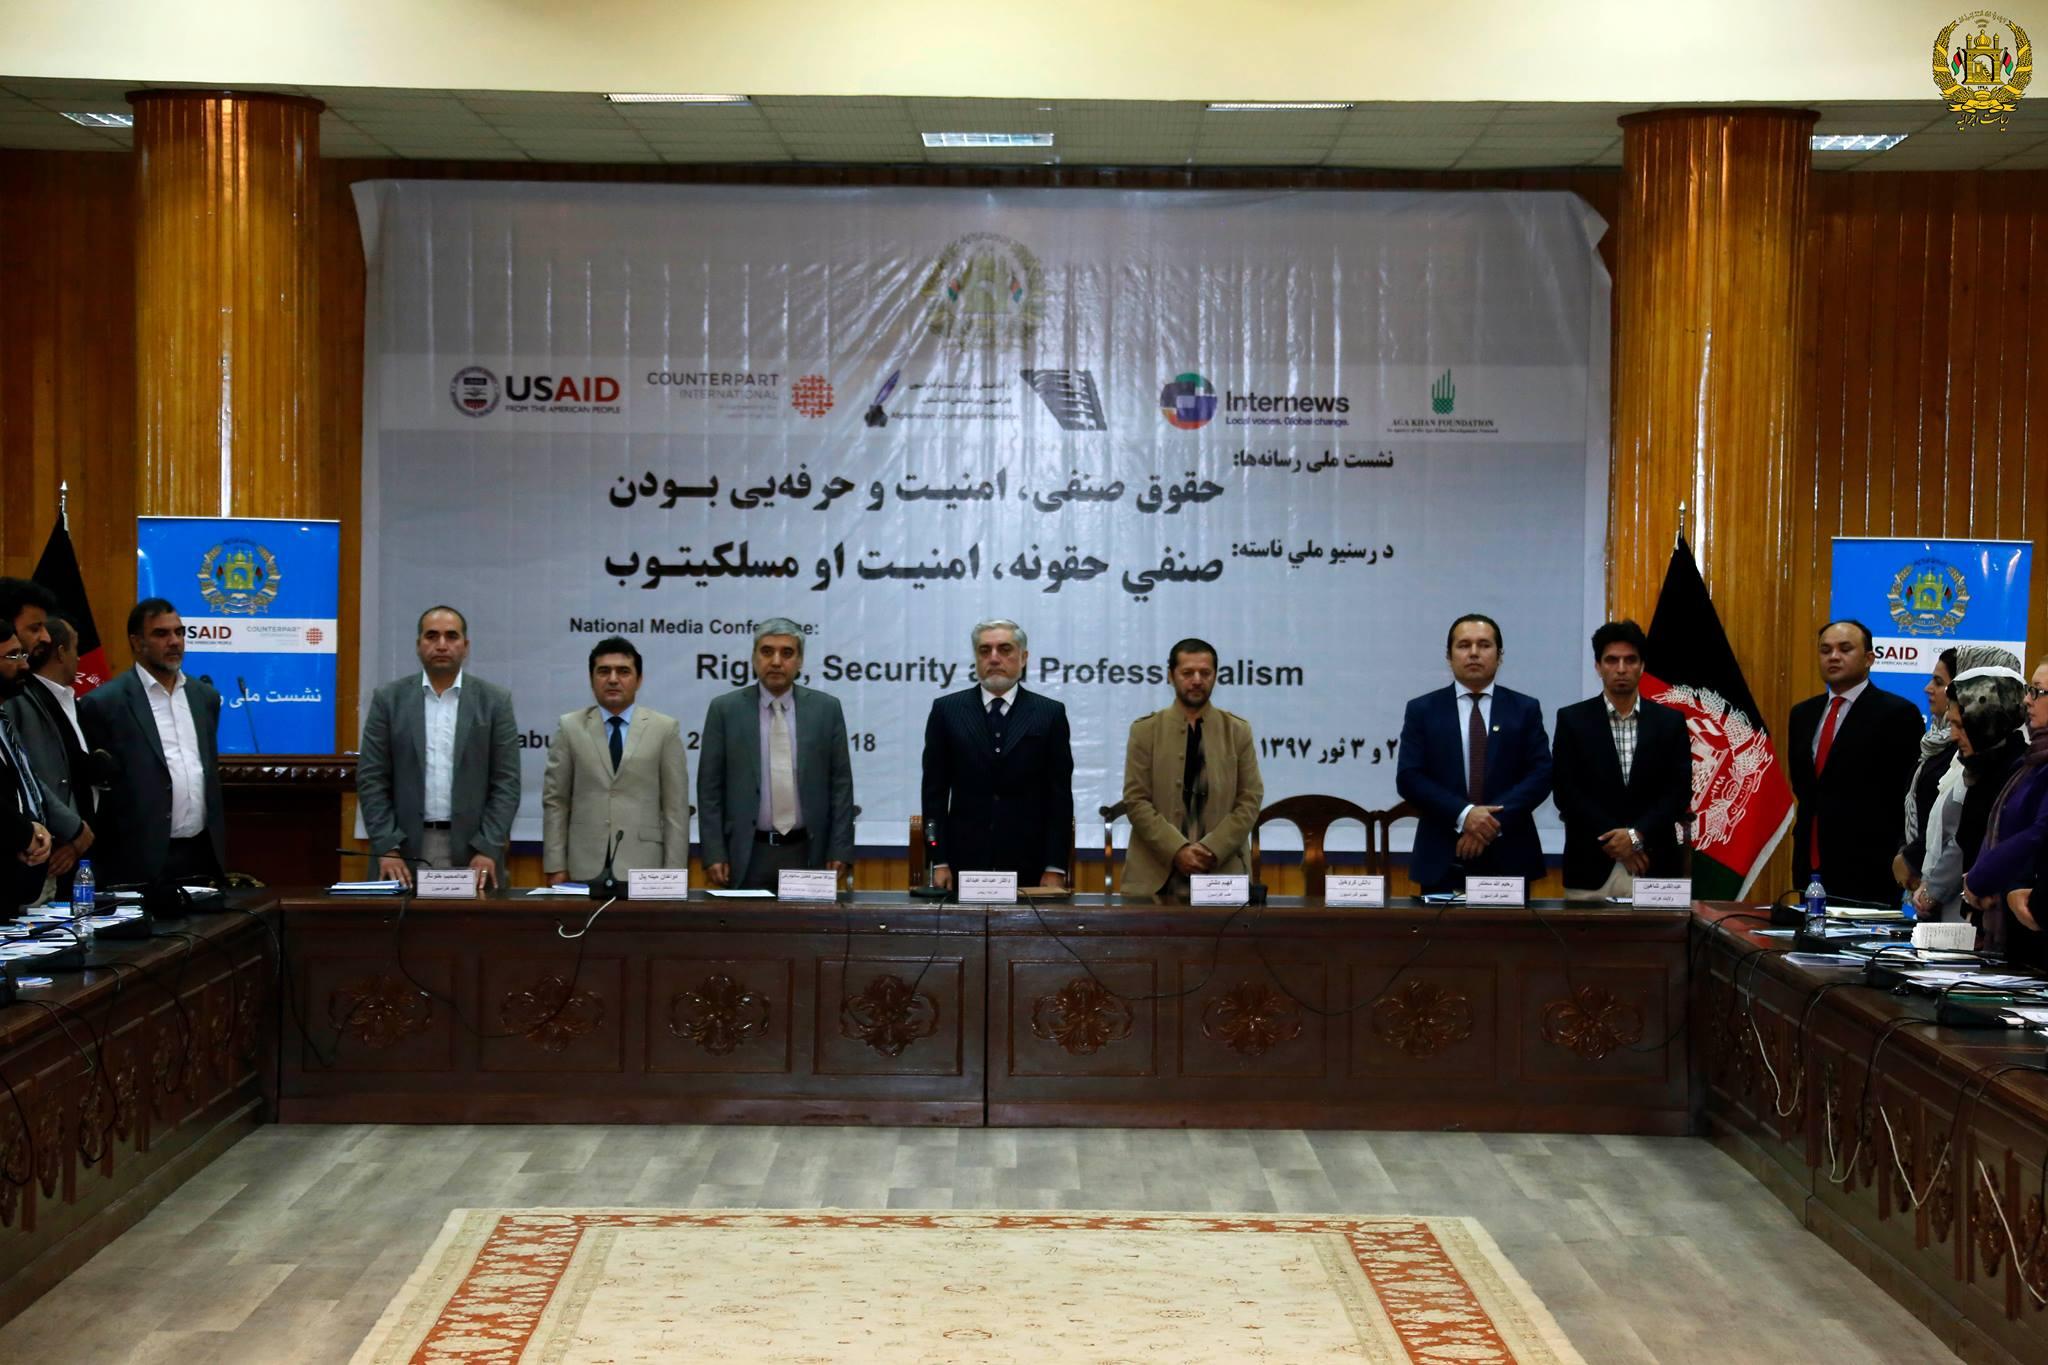 رییس اجراییه در کنفرانس ملی رسانهها: رسانهها سنگر مستحکم آزادی بیان است